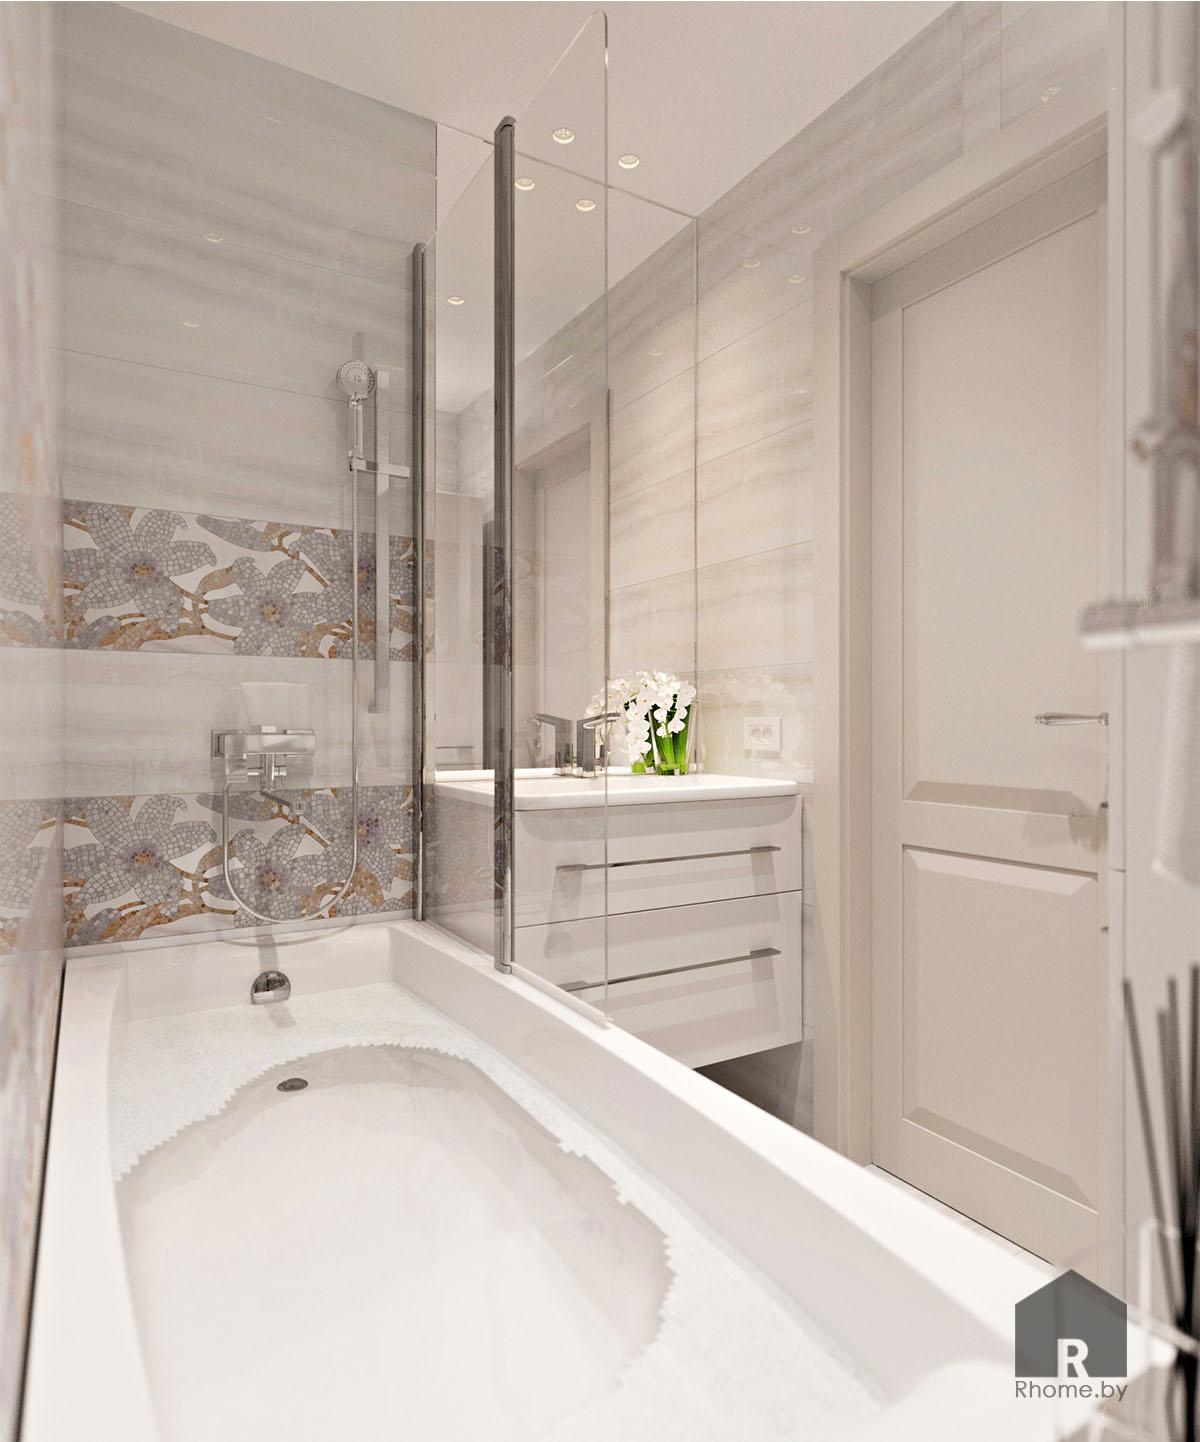 Дизайн интерьера ванной по ул. Белинского | Дизайн студия – Rhome.by